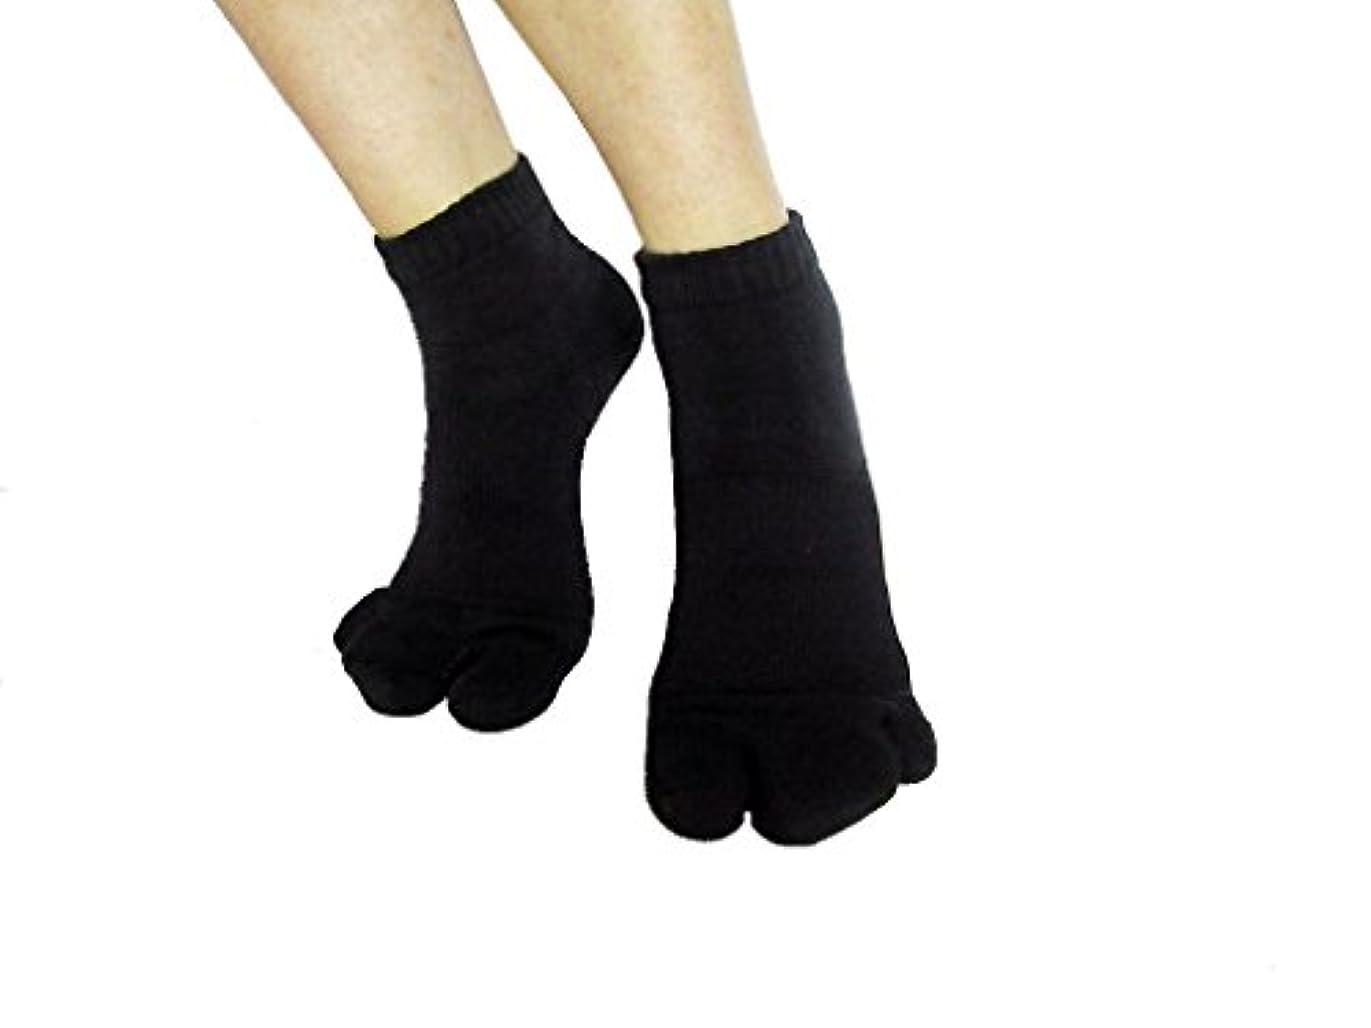 まさにサスティーン横たわるカサハラ式サポーター ホソックス3本指 テーピング靴下 ブラック M23.5-23.5cm